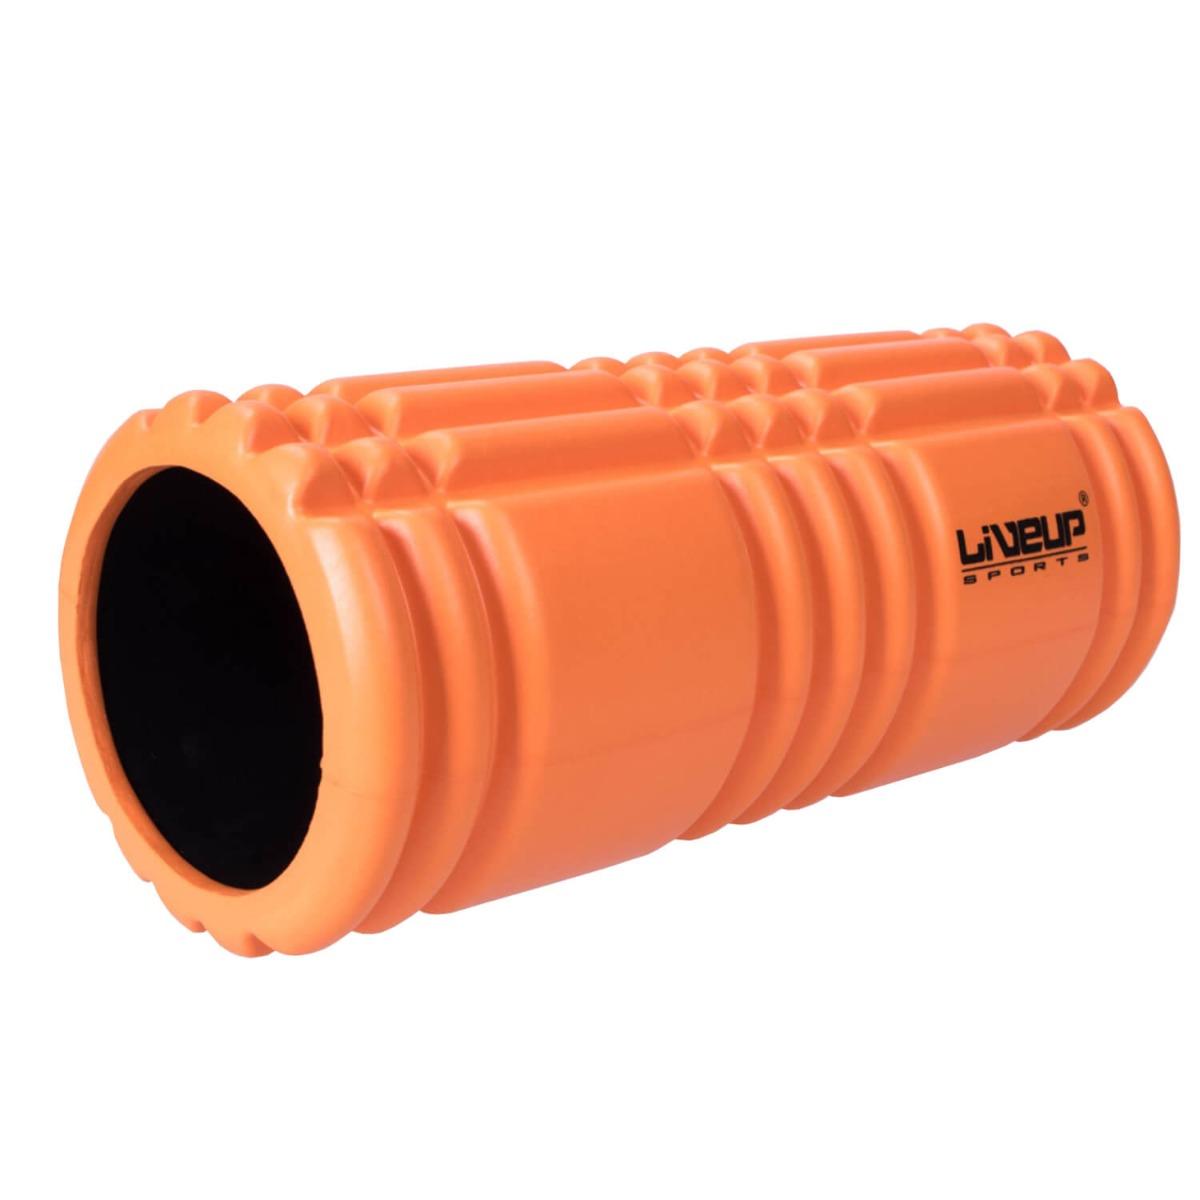 Køb Aserve Foam Roller 33 cm Orange